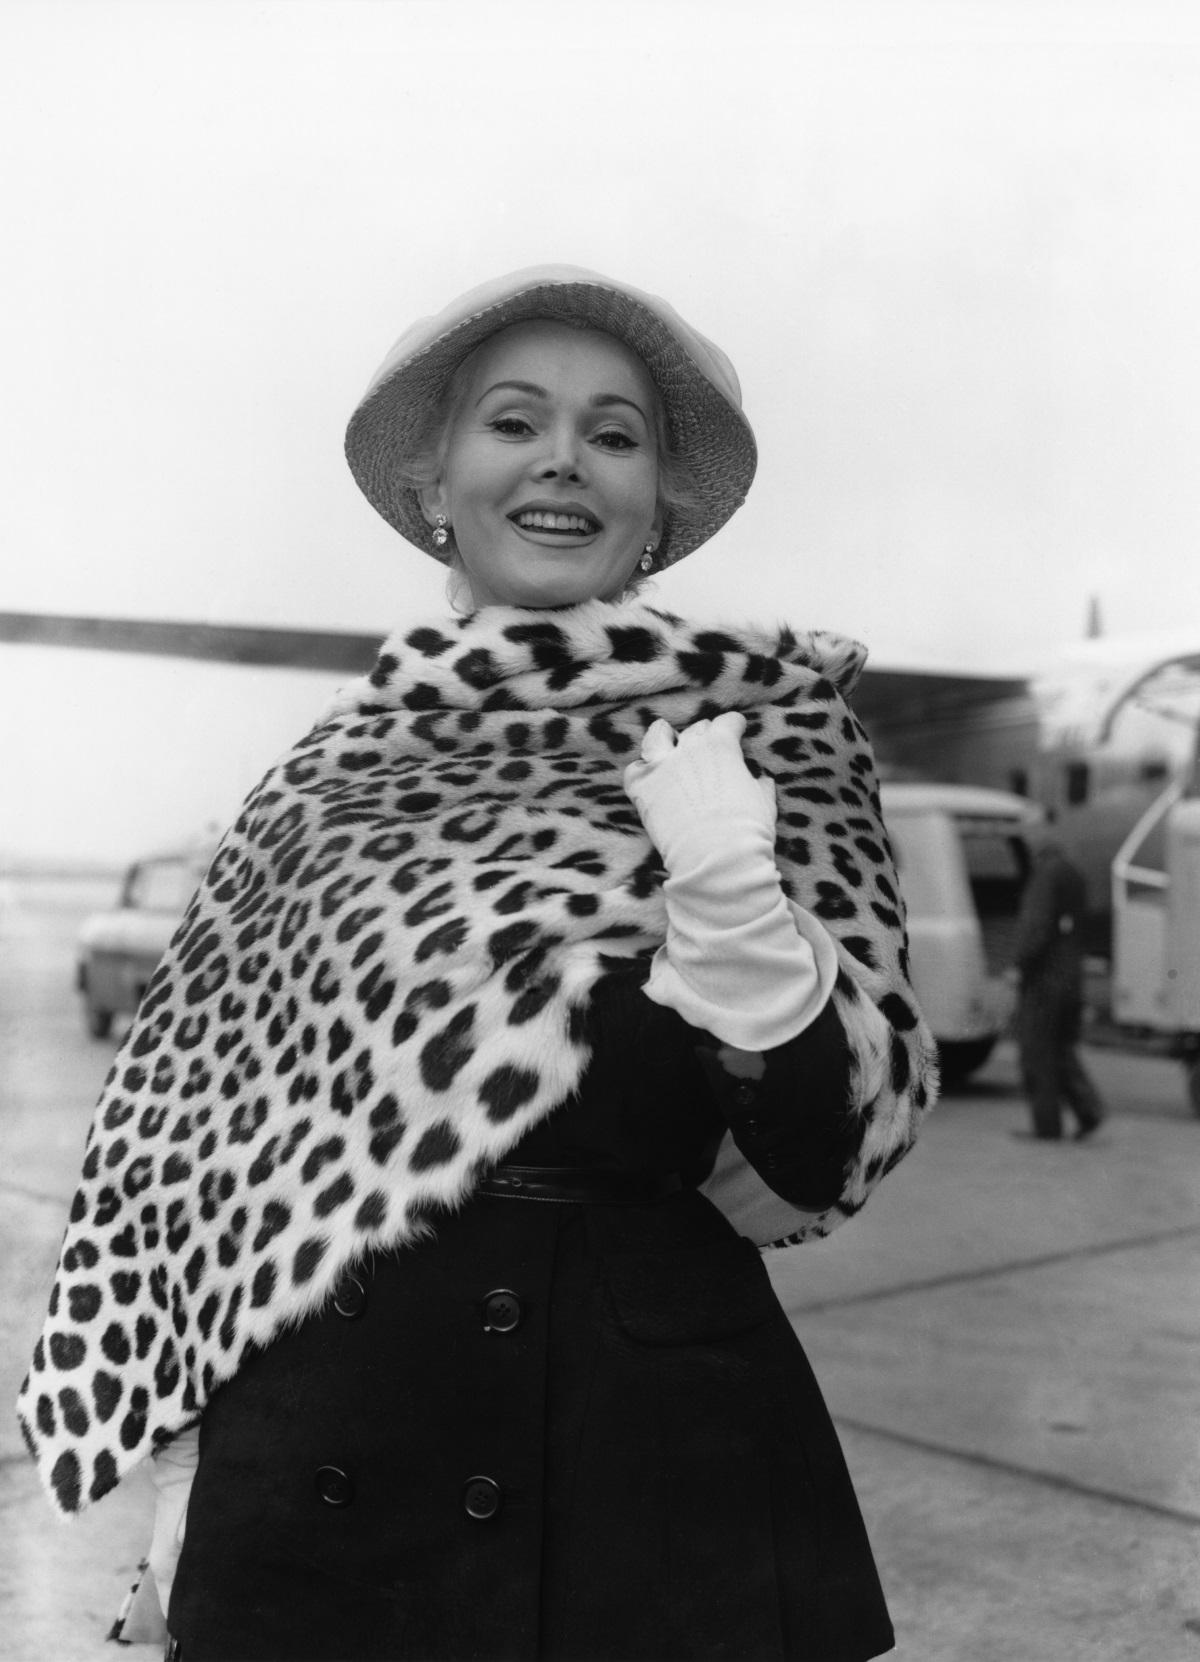 За За Габор е родена на 6 февруари 1917 г. в Будапеща и има две сестри - Ева и Магда, които също се преместват в Холивуд, за да работят в шоубизнеса.